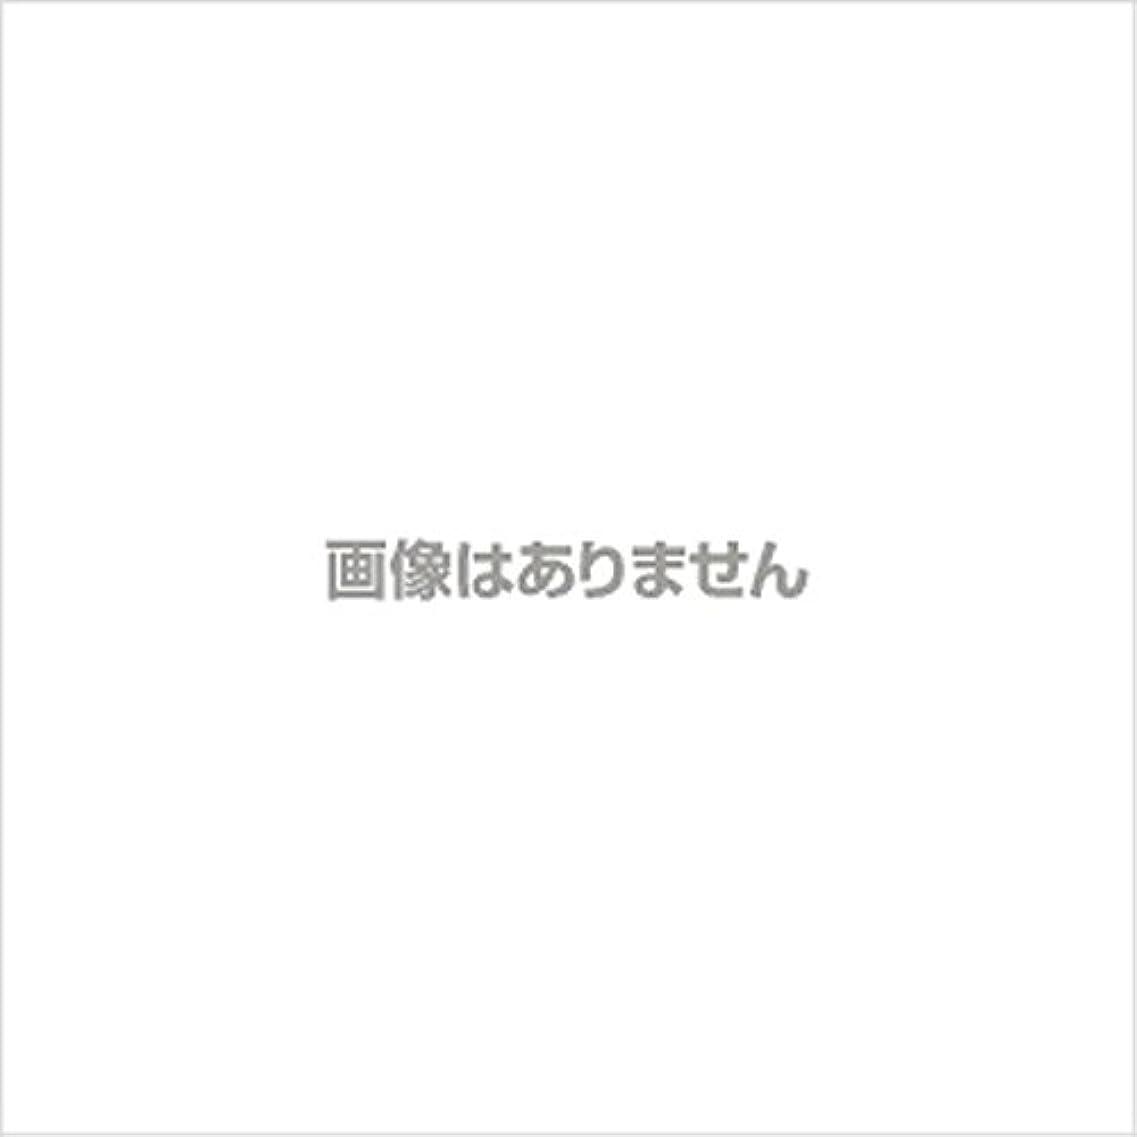 脅迫蜜スペース新発売】EBUKEA エブケアNO1004 プラスチックグローブ(パウダーフリー?粉なし)Mサイズ 100枚入(極薄?半透明)